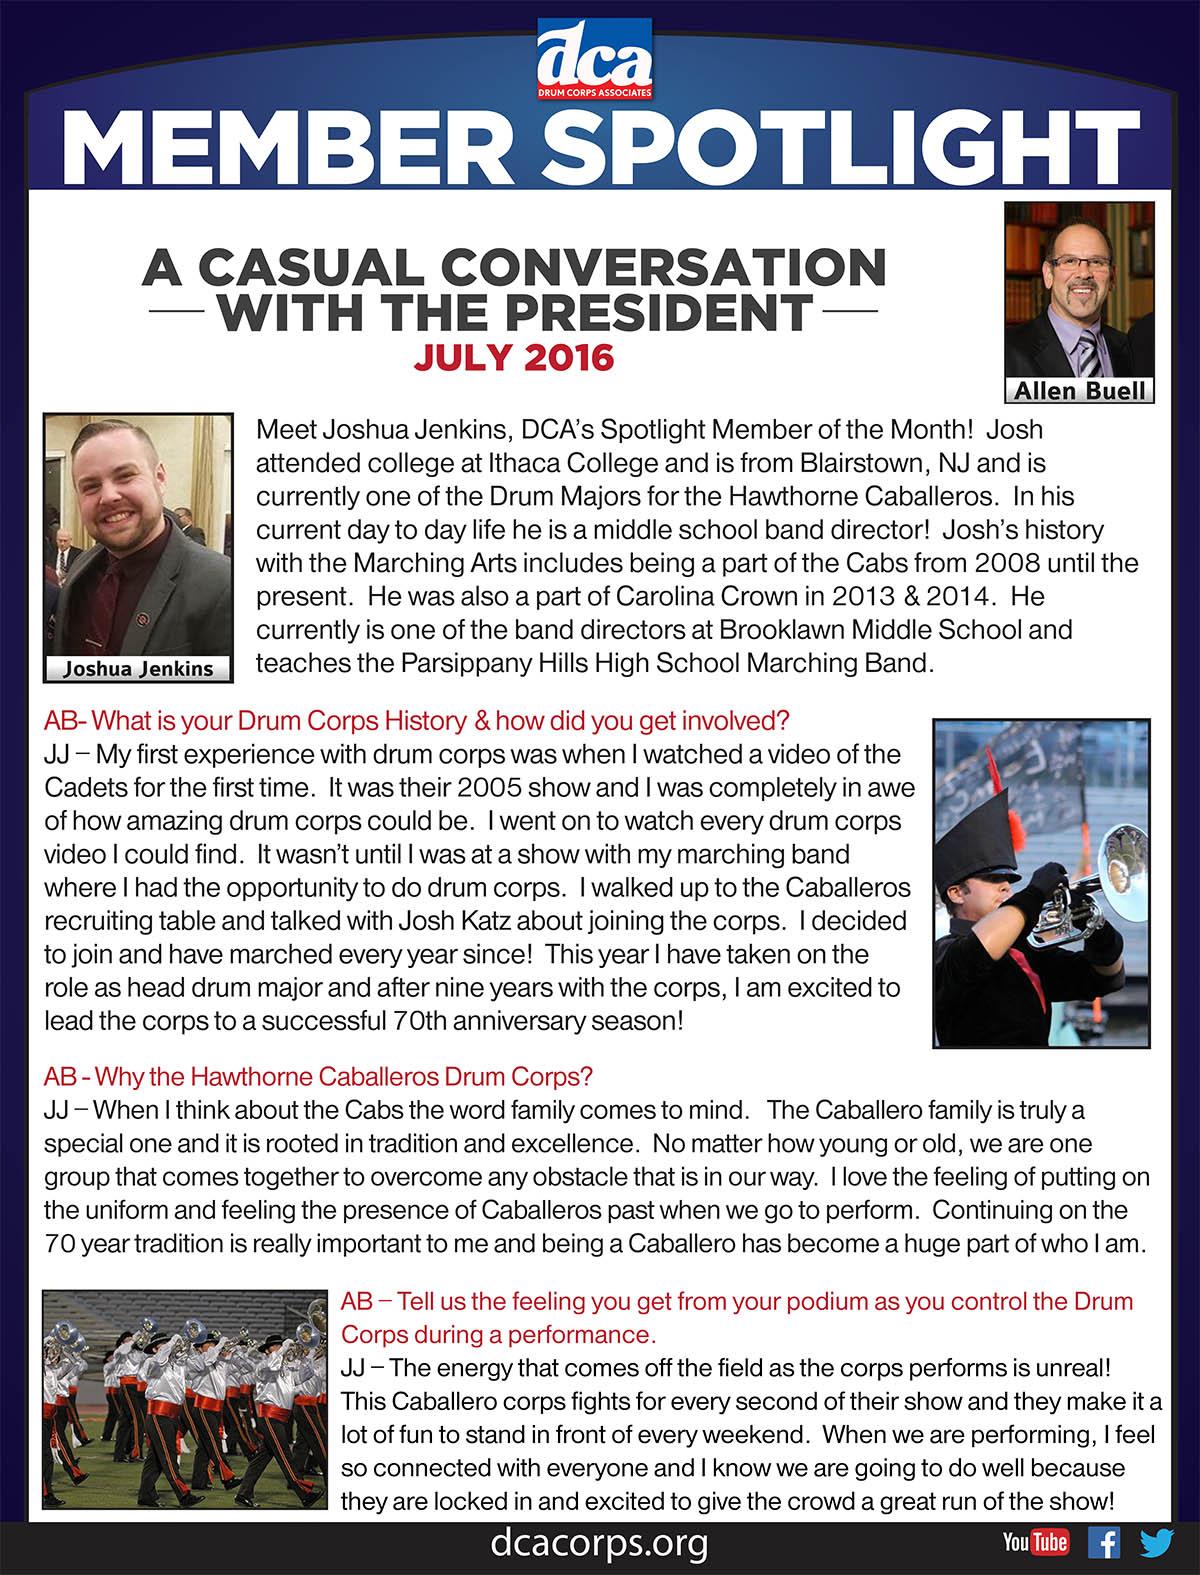 DCA_PresidentsNewsletter_JoshuaJenkins